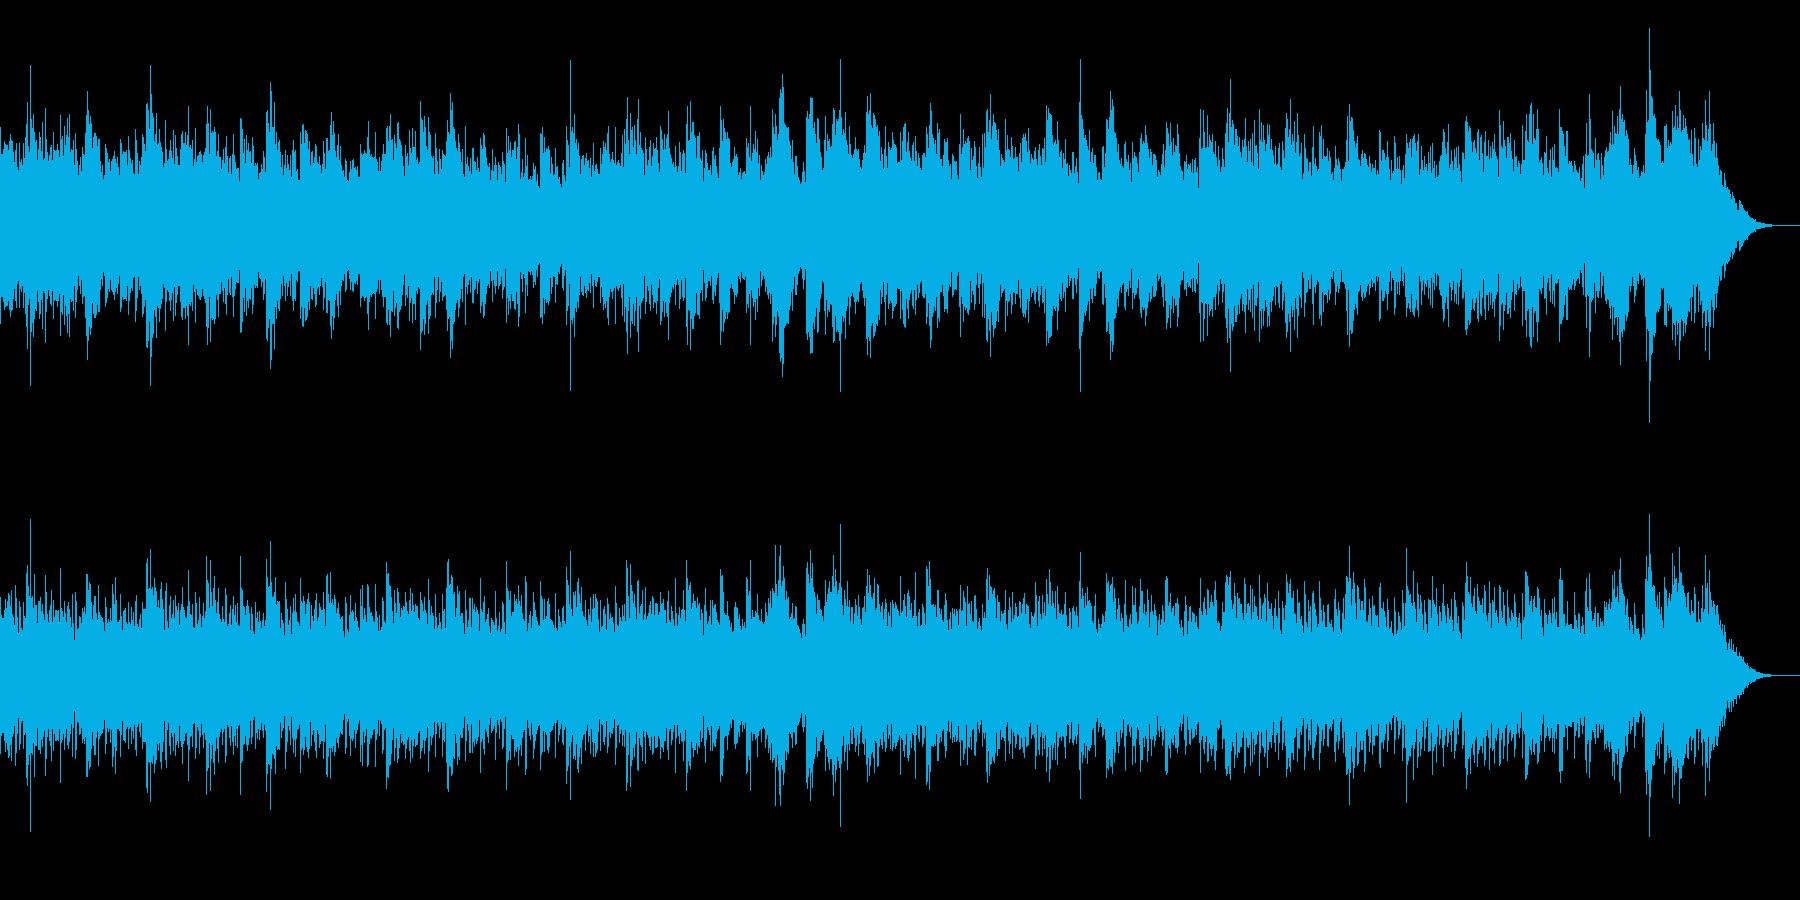 ダンジョン1の再生済みの波形